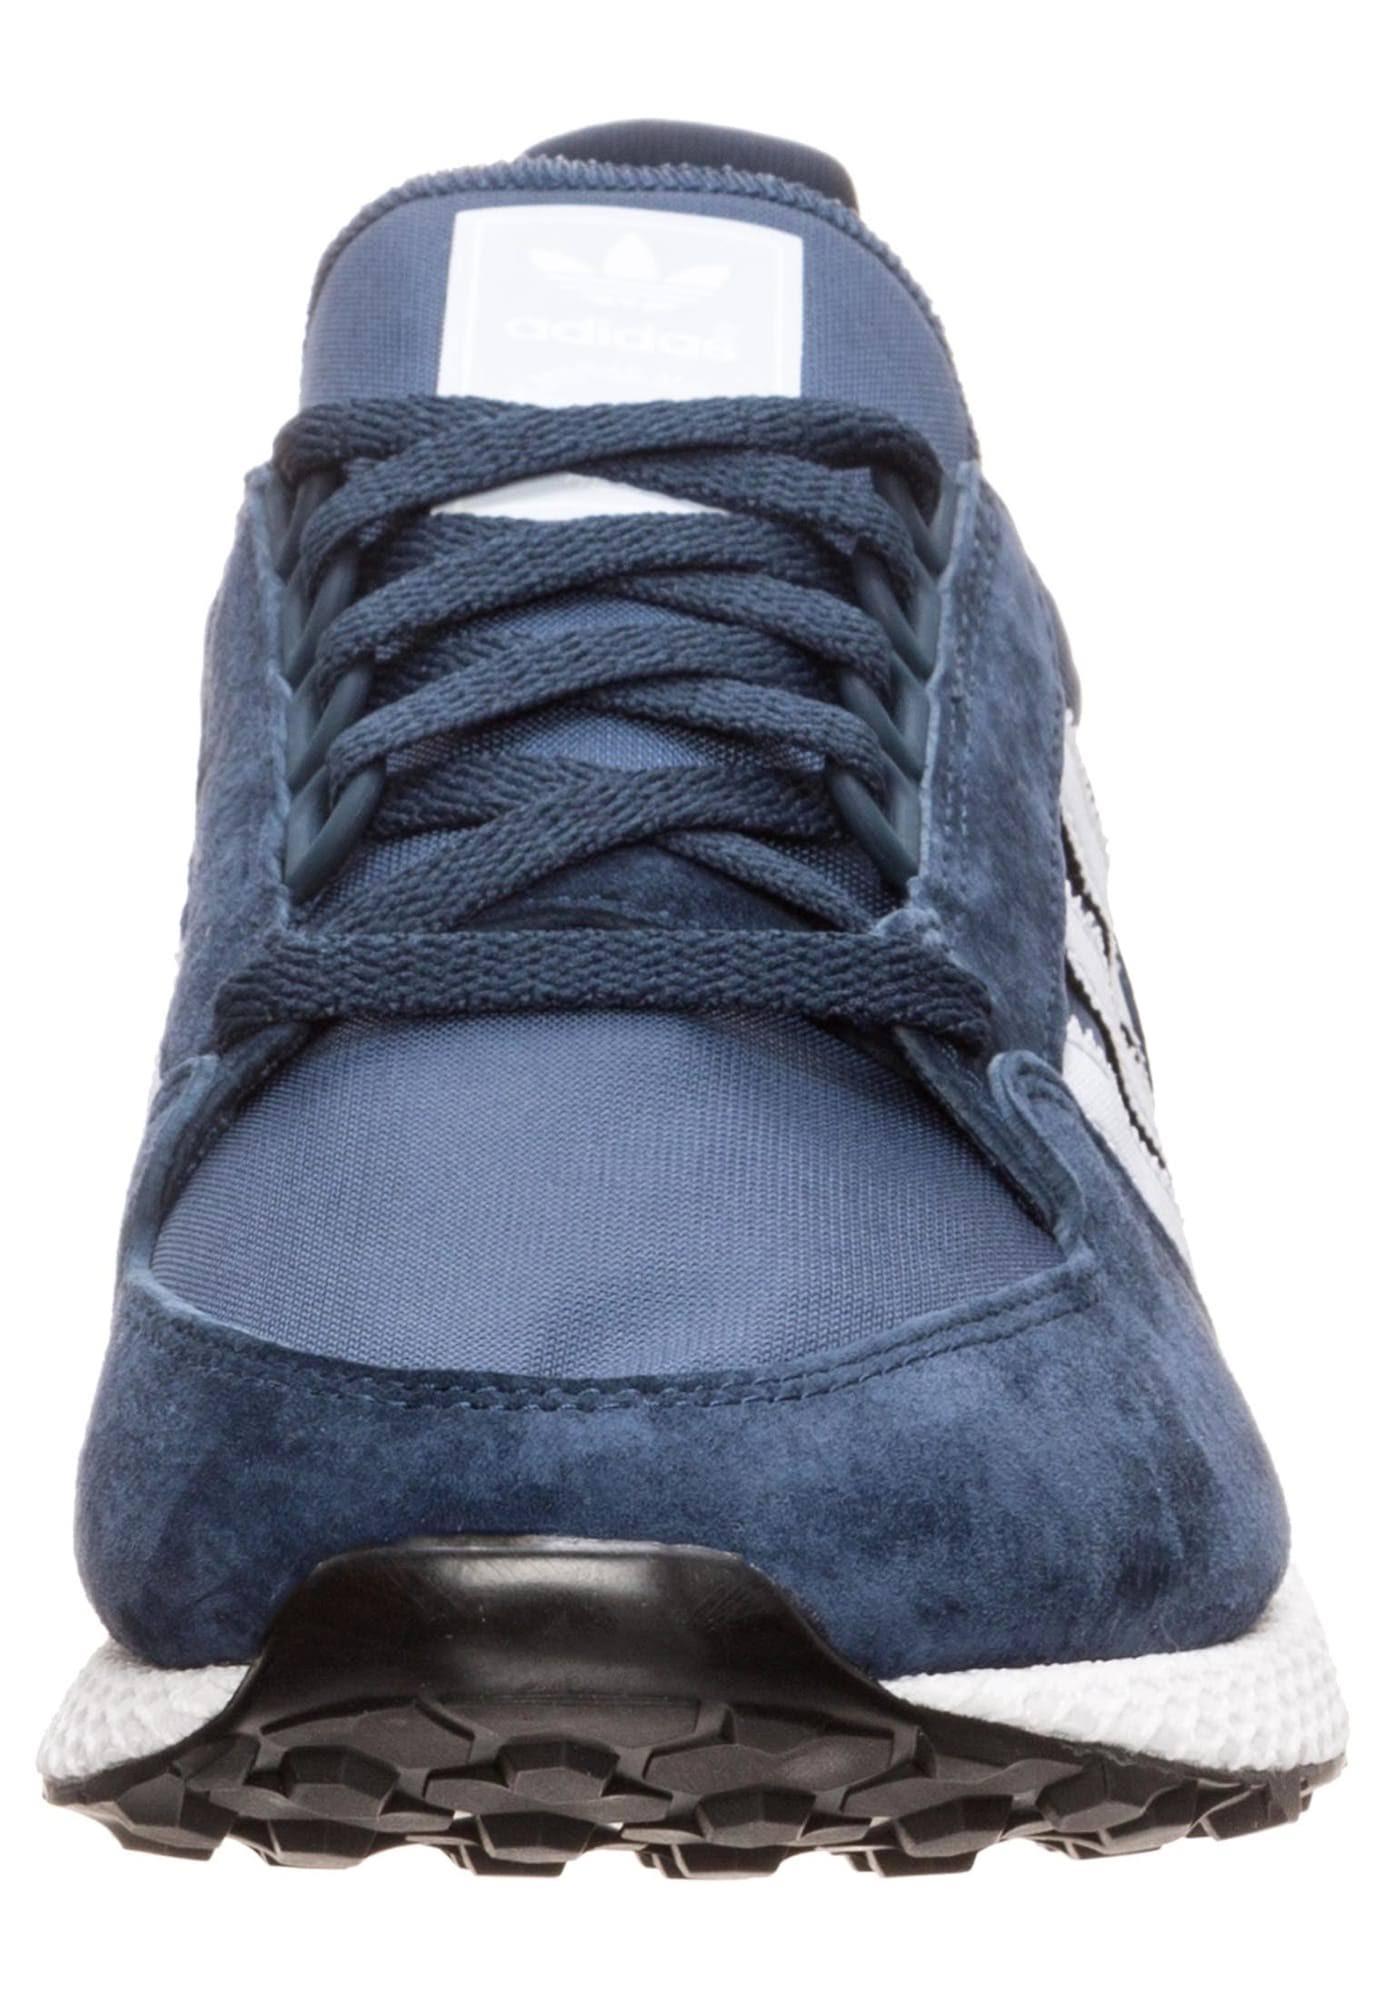 Navyaero Black Bluecore Adidas Originals Forest Collegiate Grove q35ARjL4